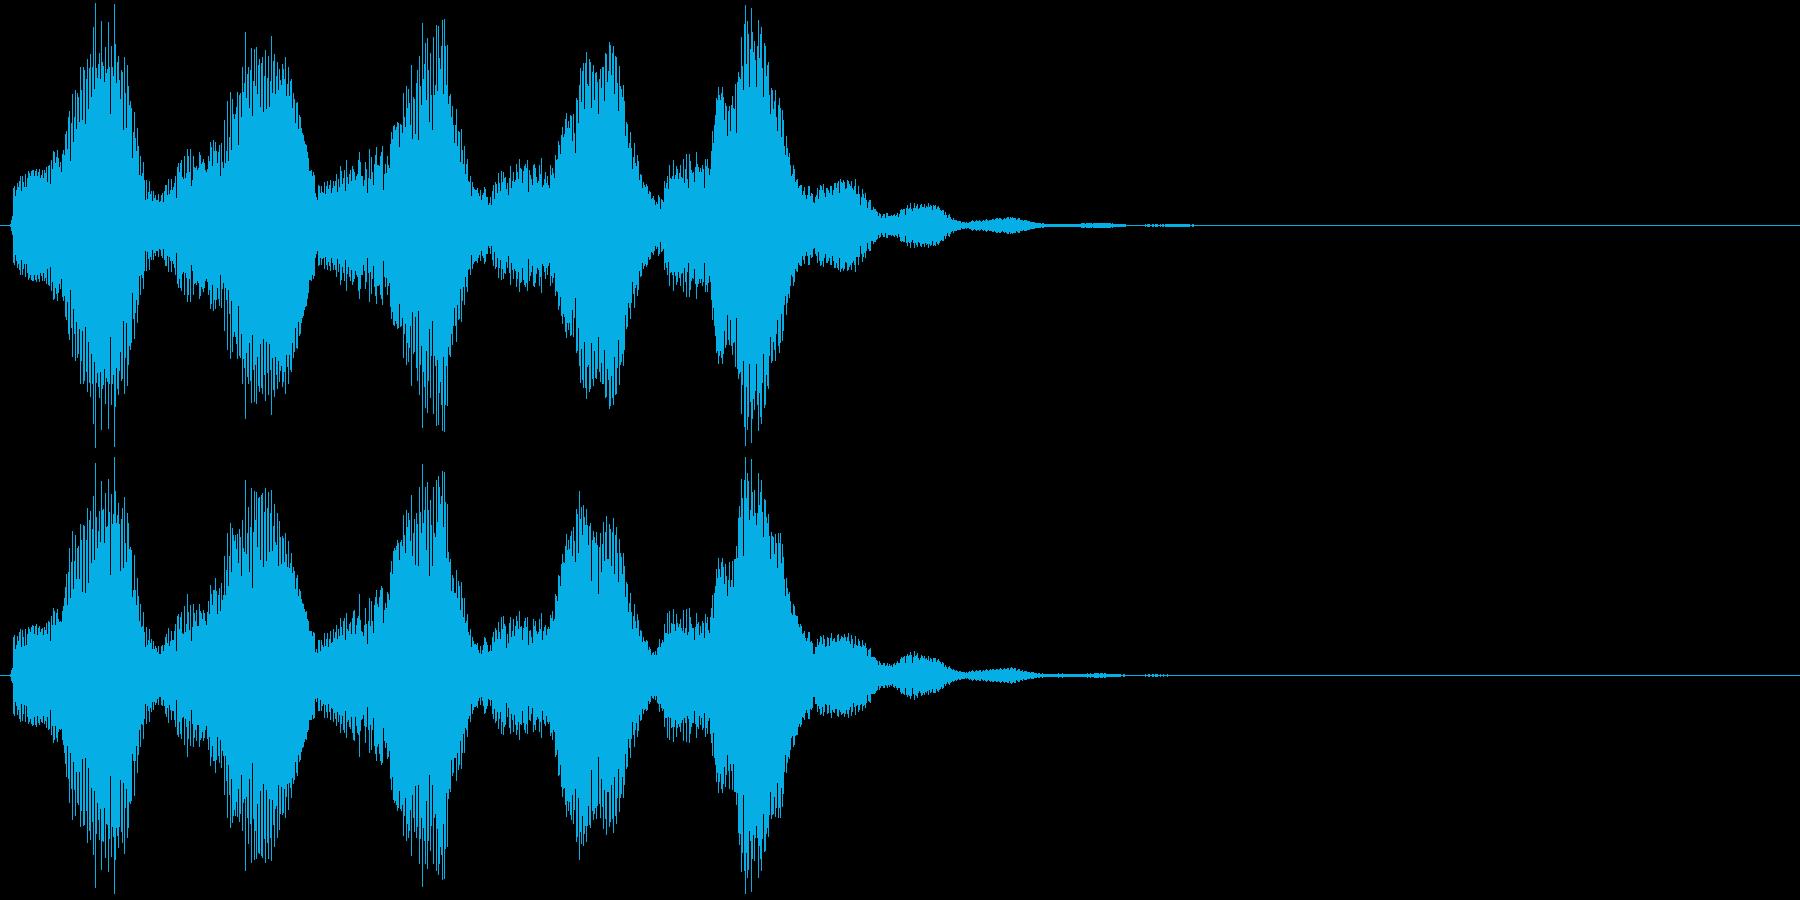 プァンプァン..。不正解・残念・失敗Cの再生済みの波形